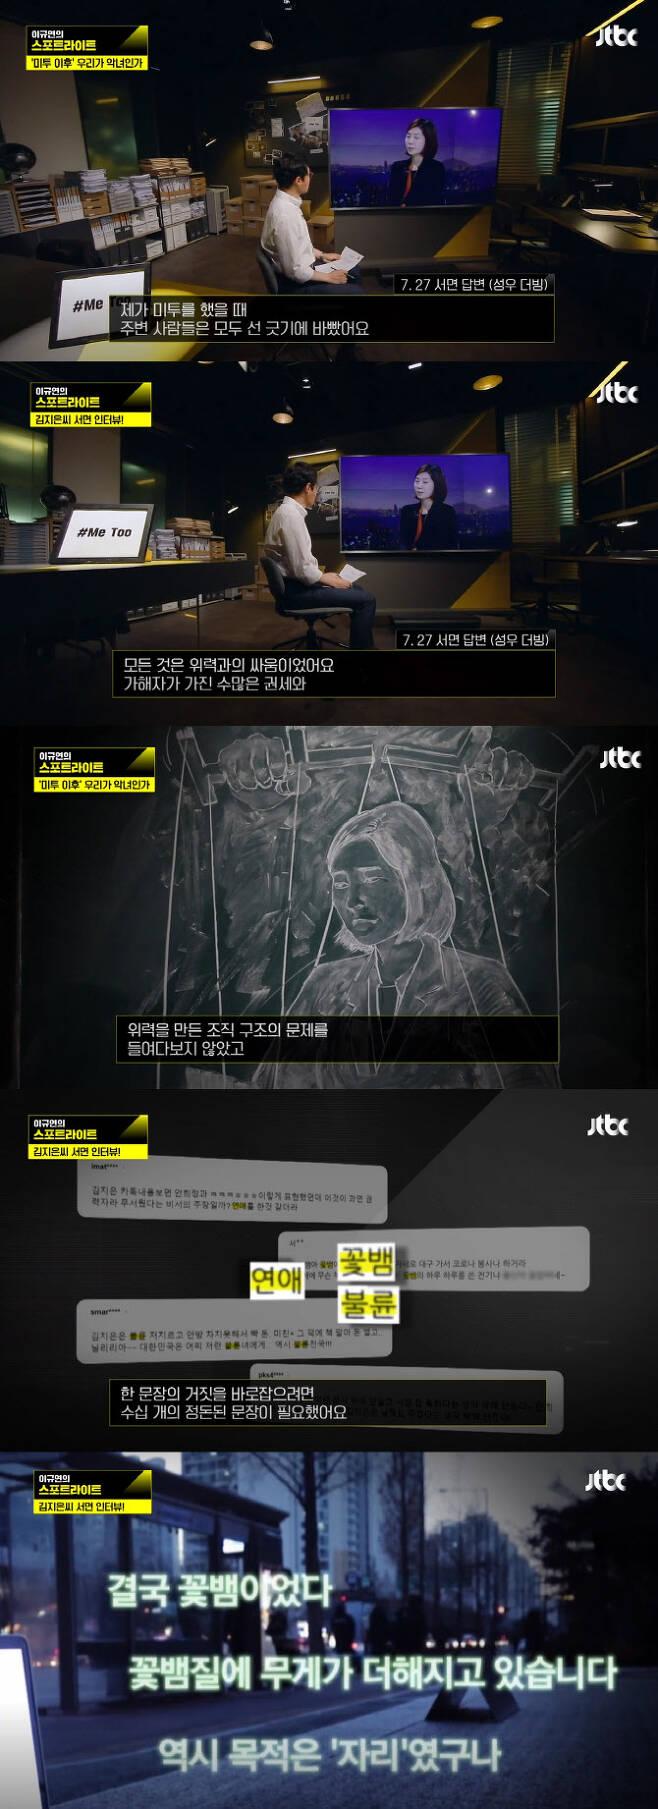 지난 30일 방송된 '이규연의 스포트라이트'에서 안희정 전 충남도지사의 성폭행 사건 피해자인 전 수행비서 김지은 씨의 서면 인터뷰 내용을 공개했다. (사진=JTBC '이규연의 스포트라이트' 방송화면)